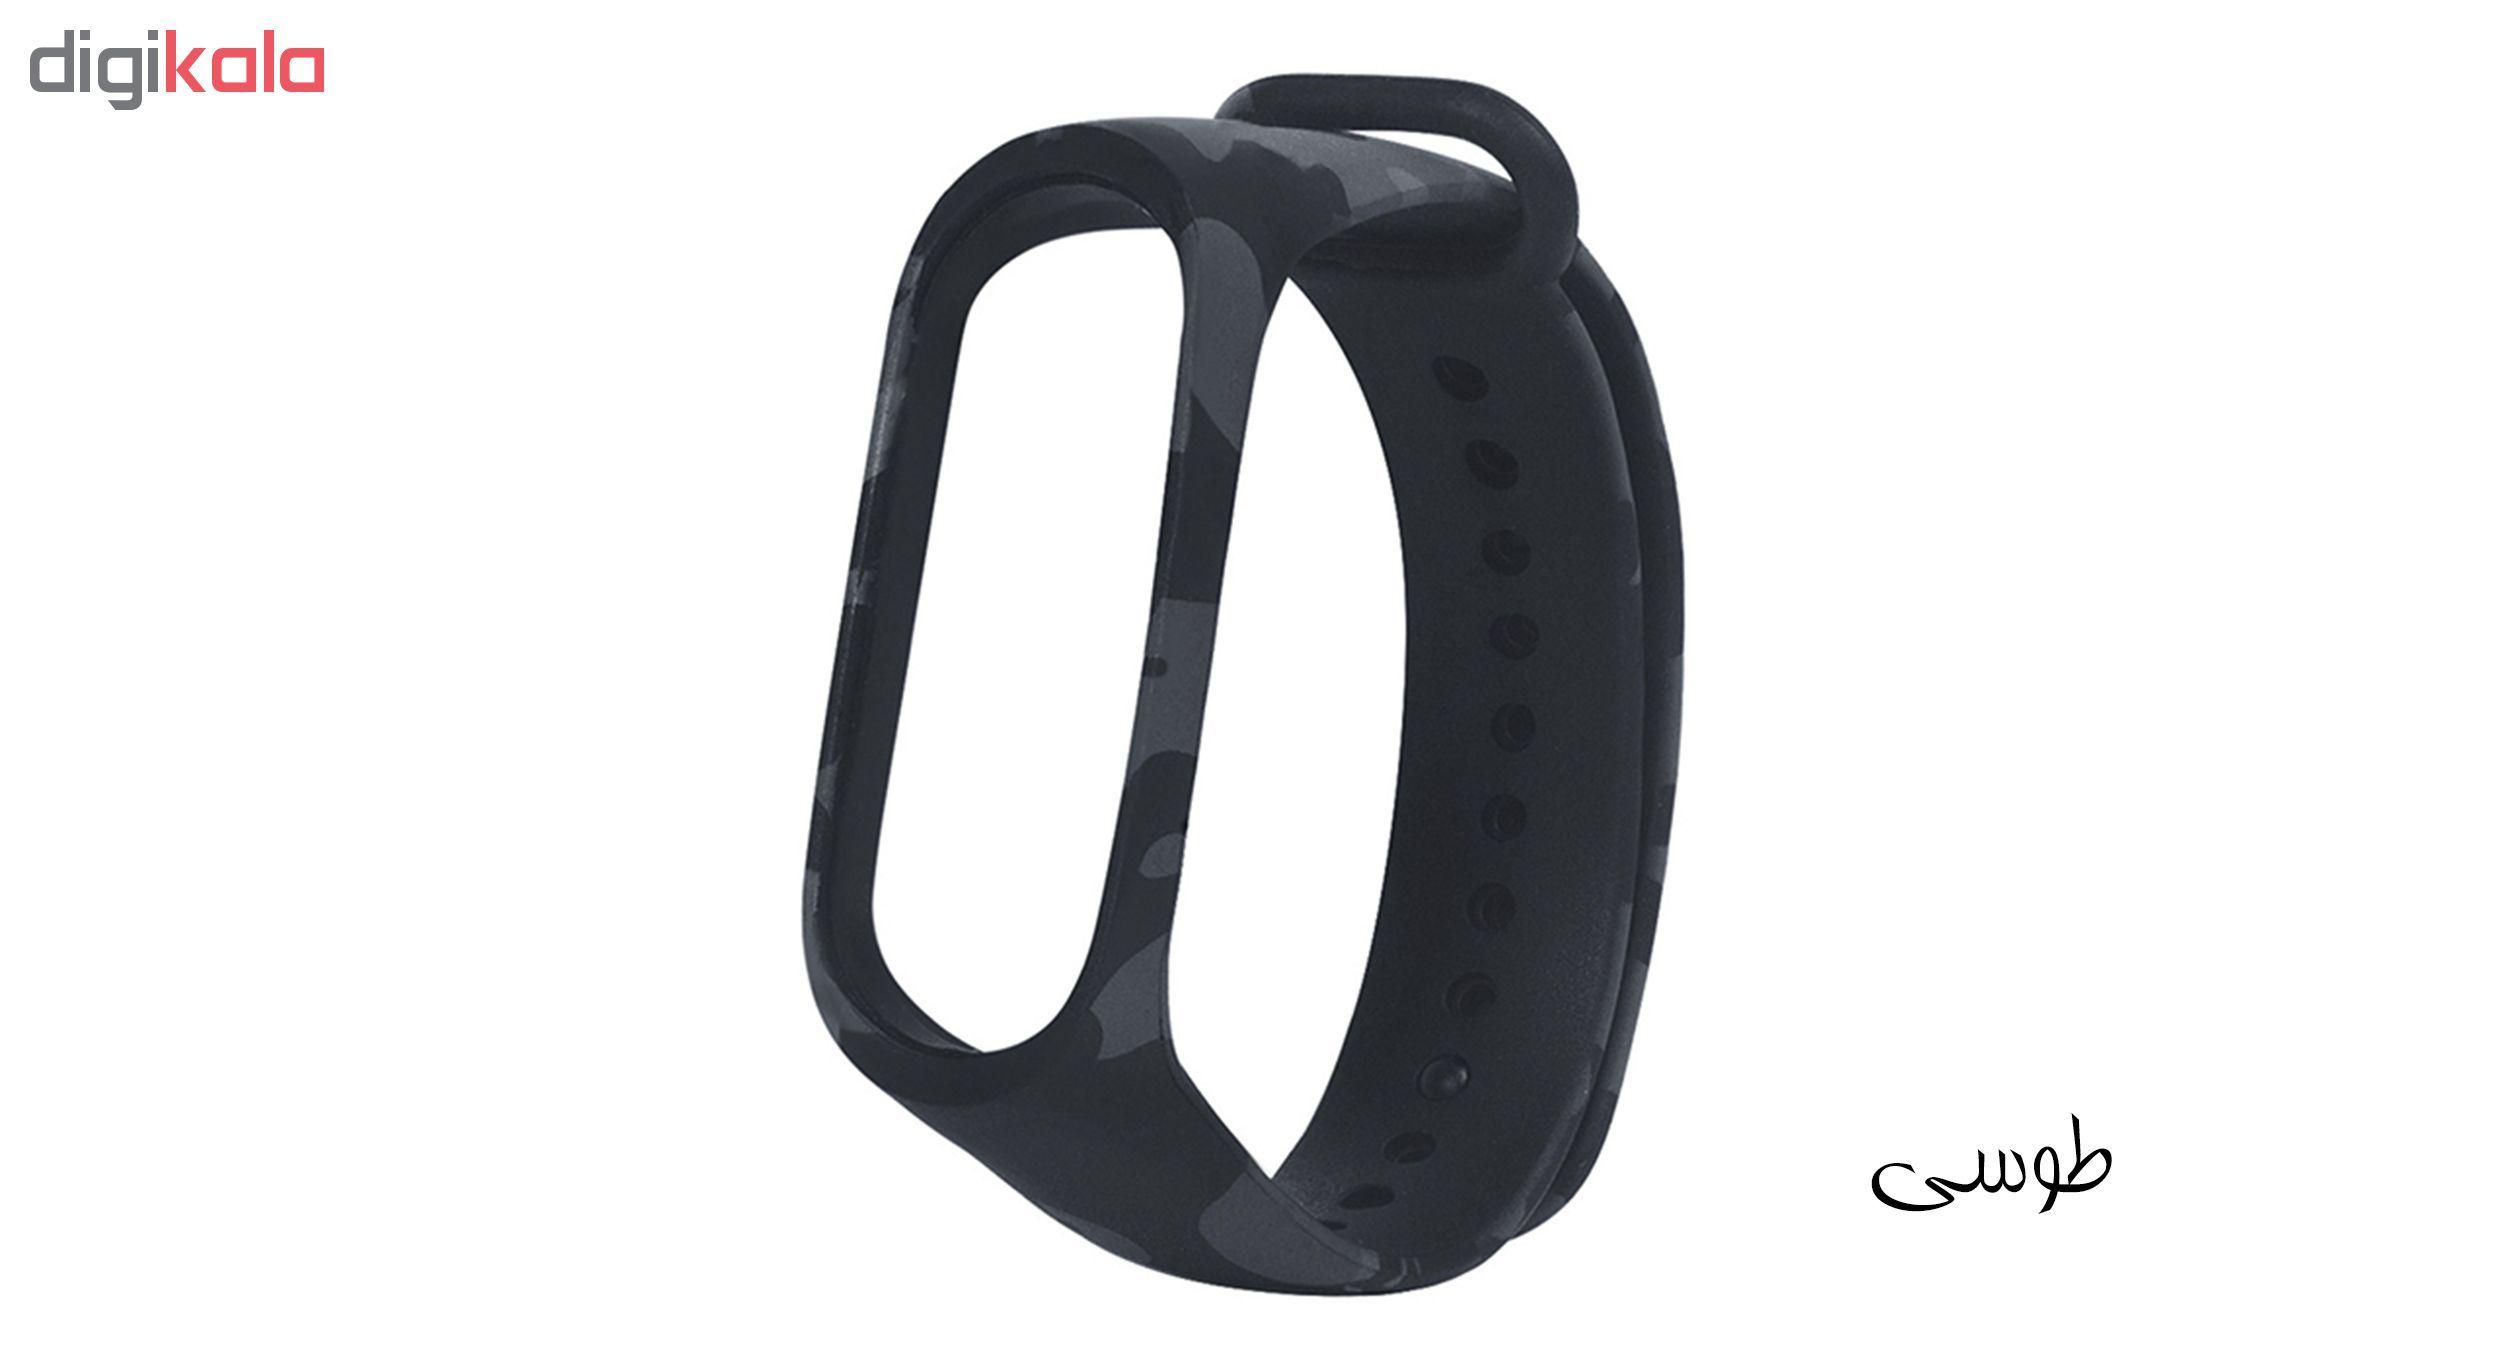 بند مچ بند هوشمند سومگ مدل SMG-S3 مناسب برای مچ بند هوشمند شیائومی Mi Band 4 main 1 1